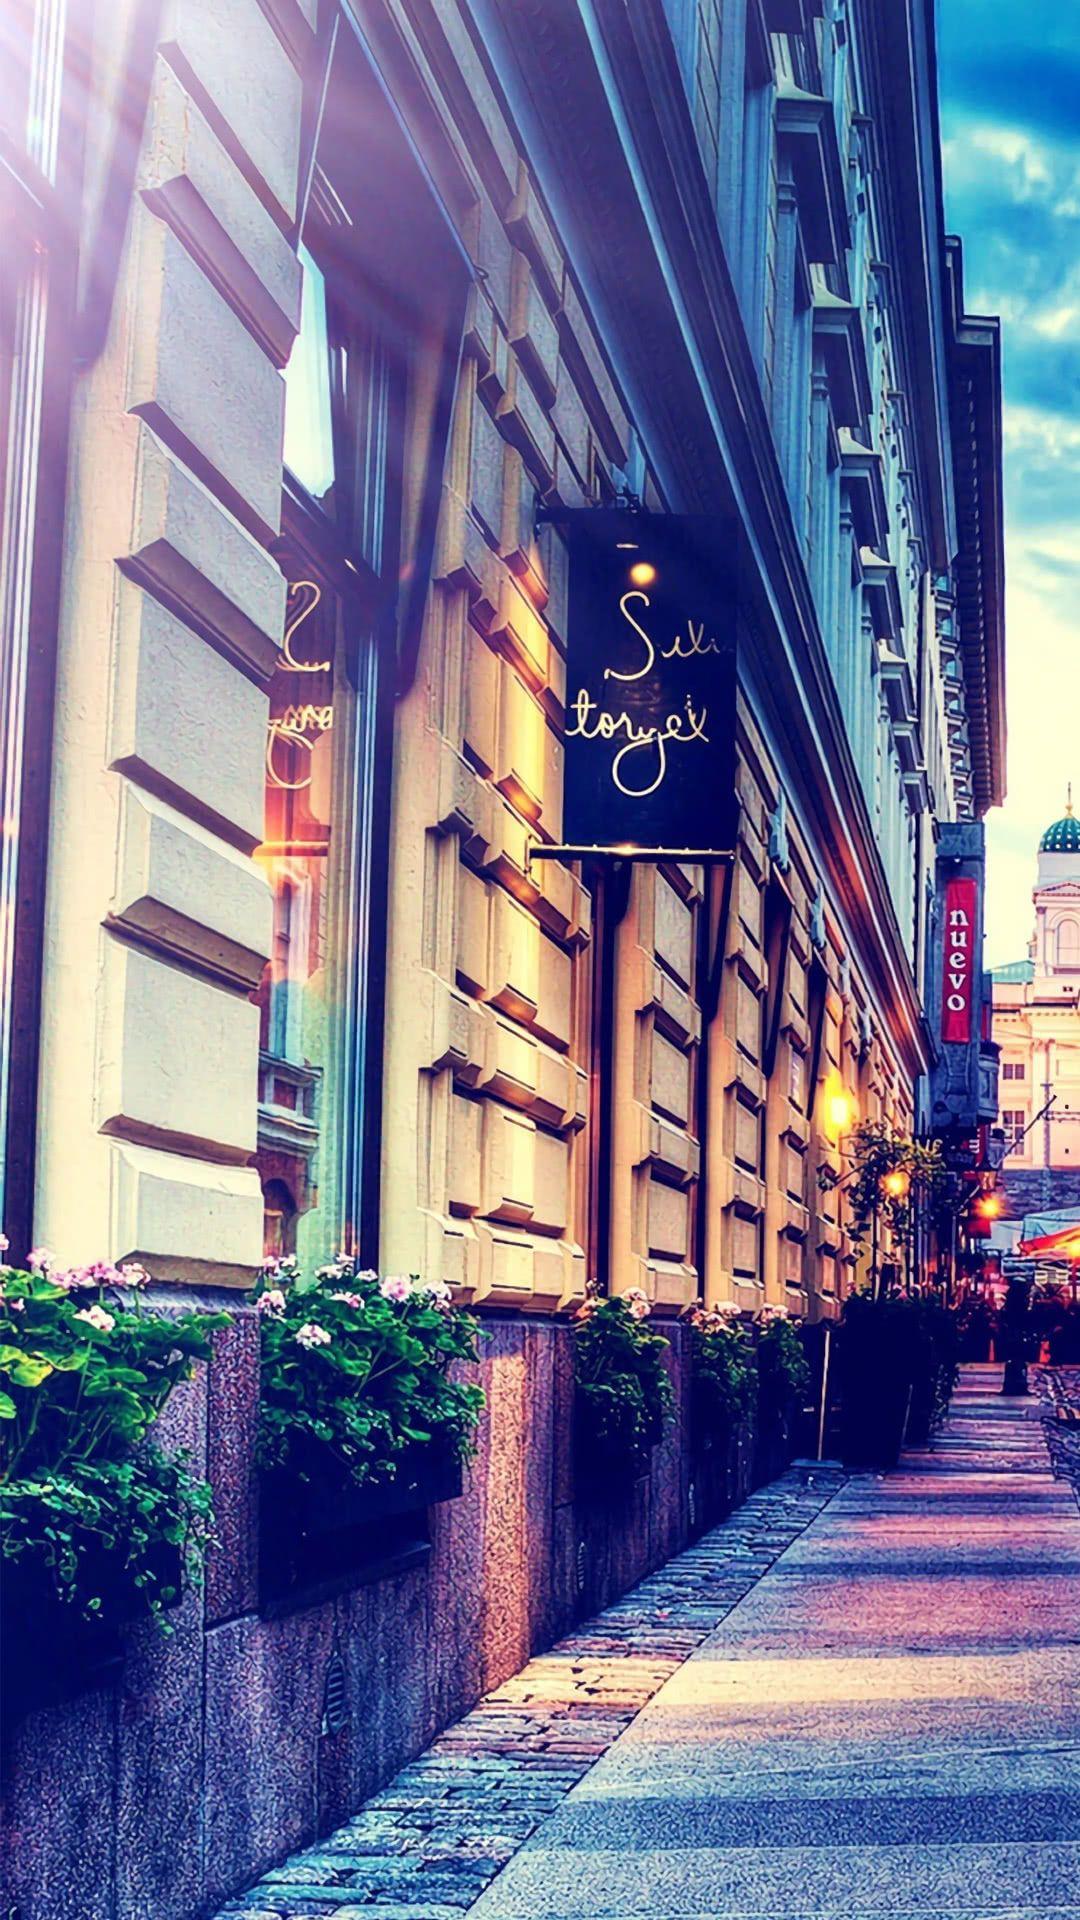 人気104位 おしゃれな街並 綺麗 景色 風景の壁紙 風景